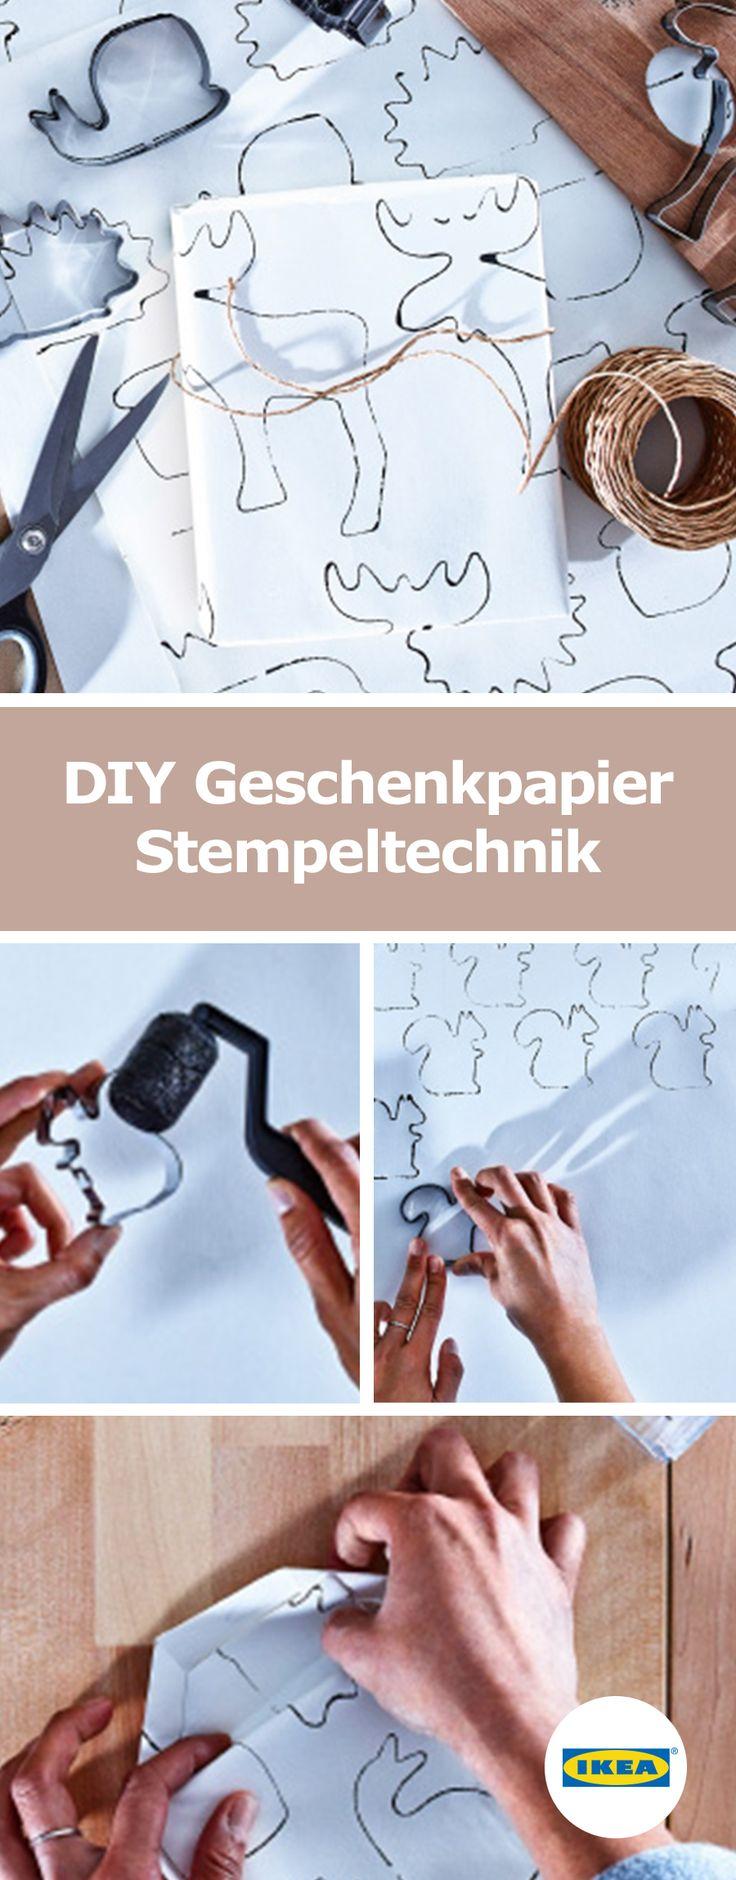 IKEA Deutschland | DIY Geschenkpapier Stempeltechnik